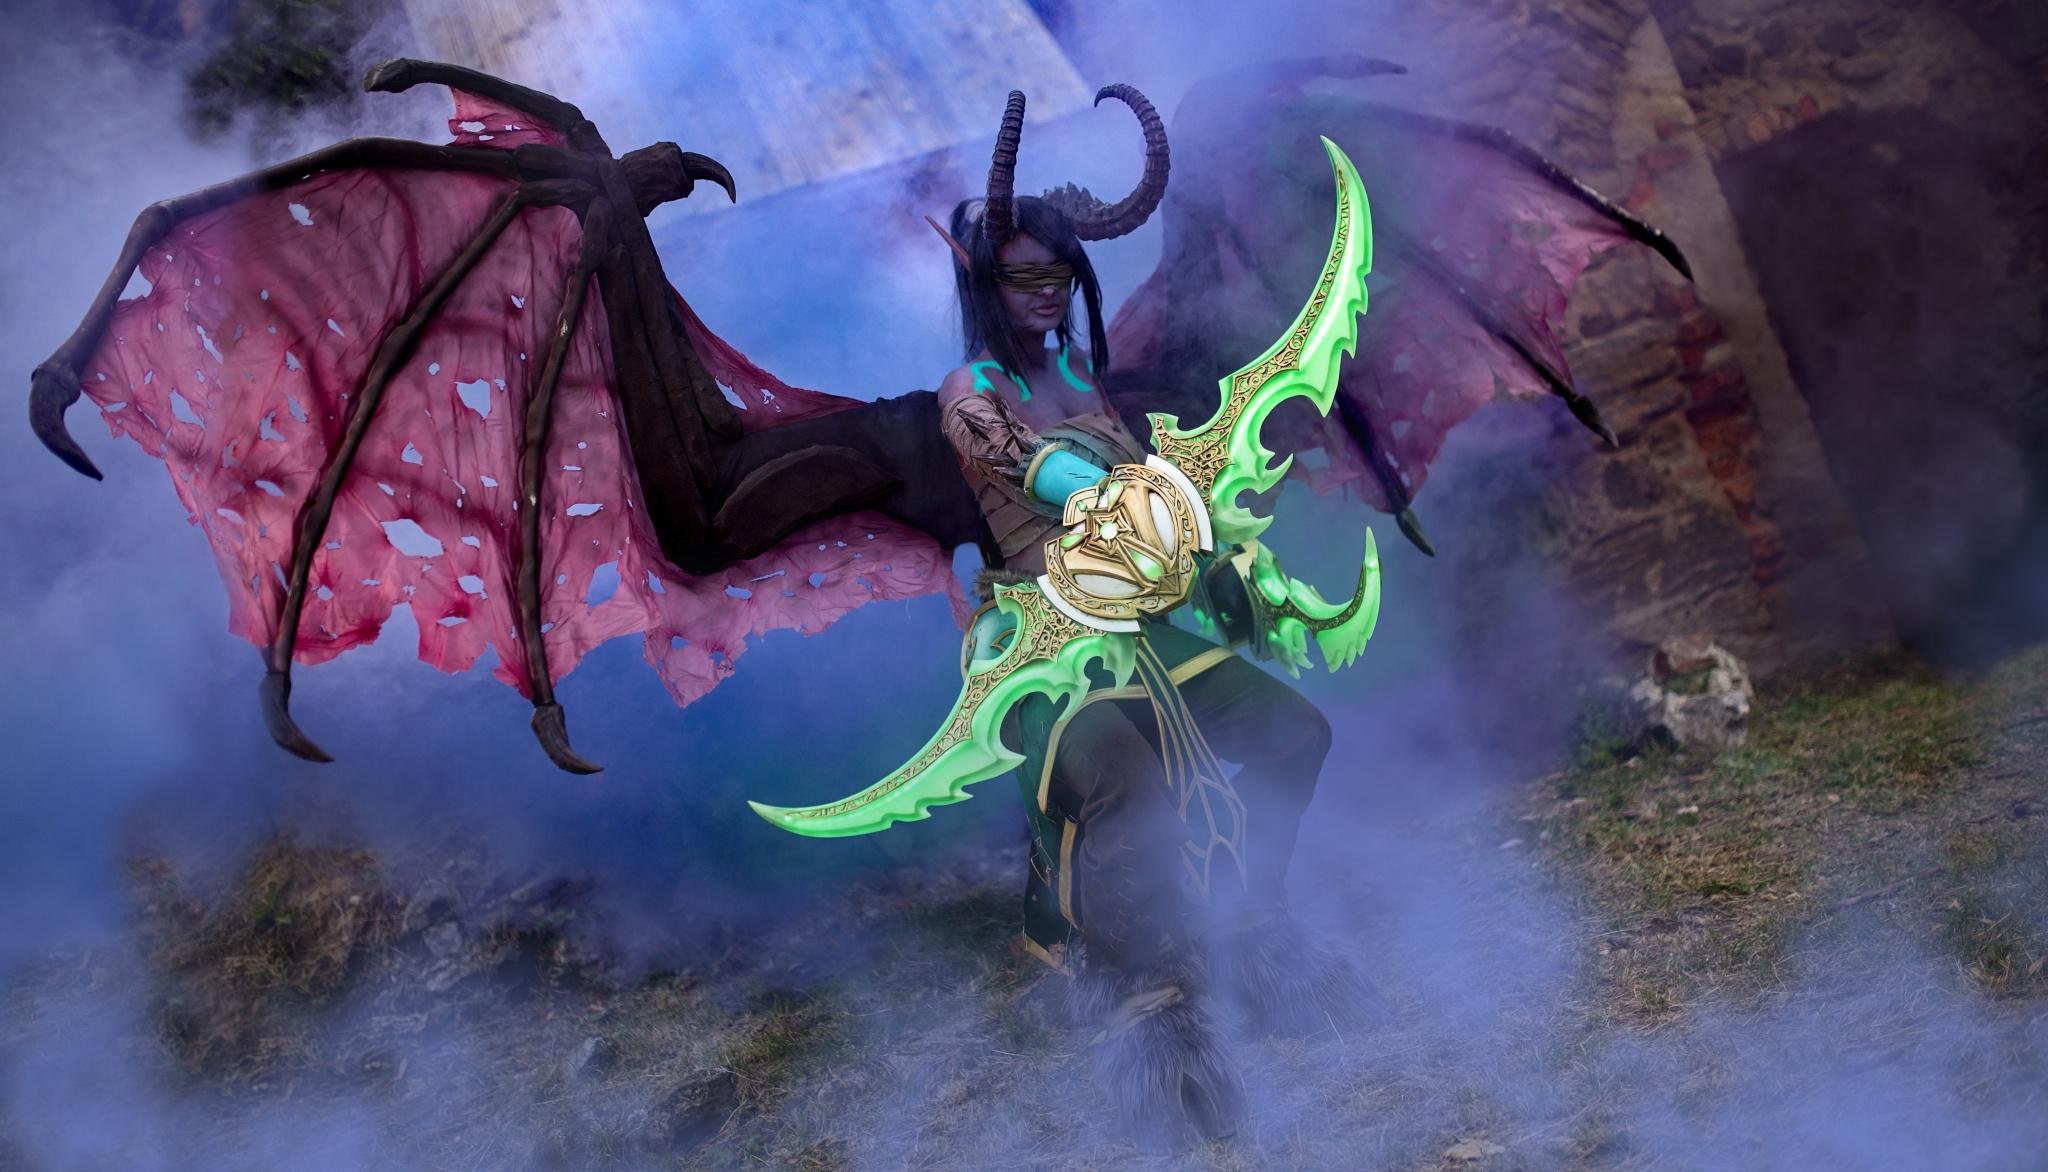 Wie man Bilder von Cosplay macht - Warcraft, Illidan